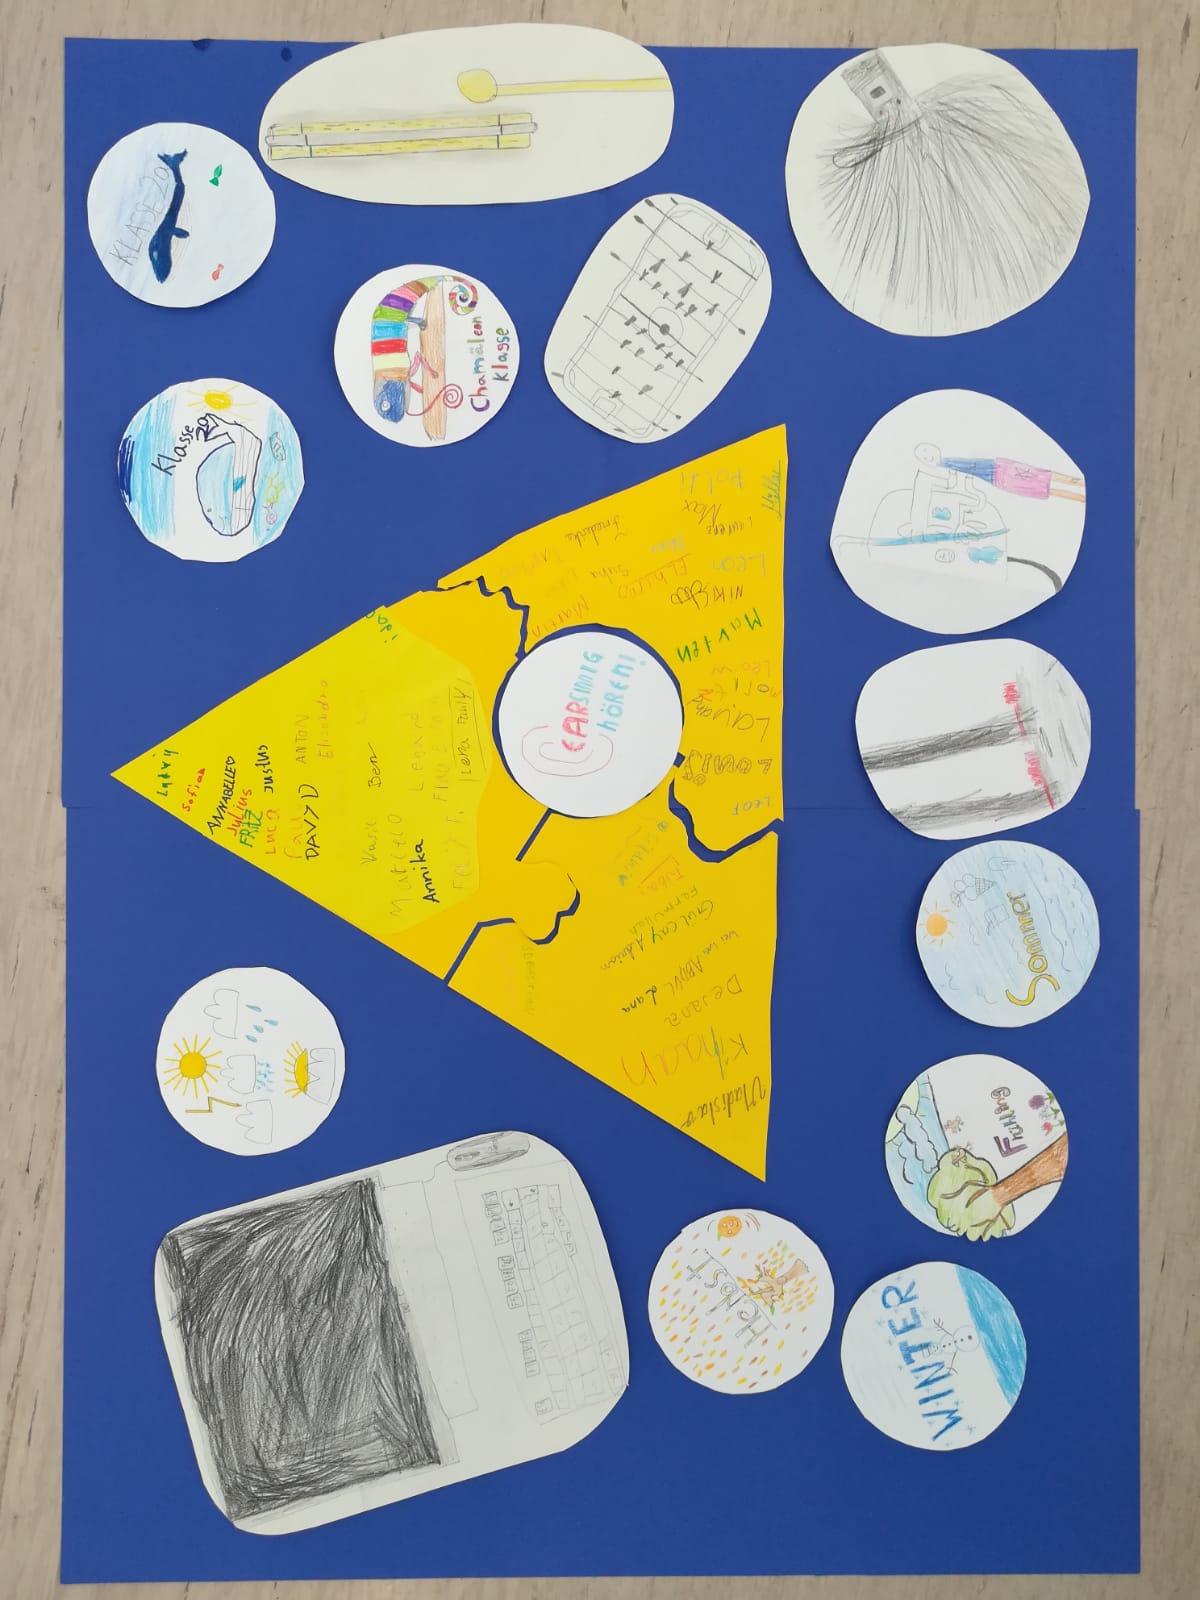 Plakat mit diversen Kinderzeichnungen